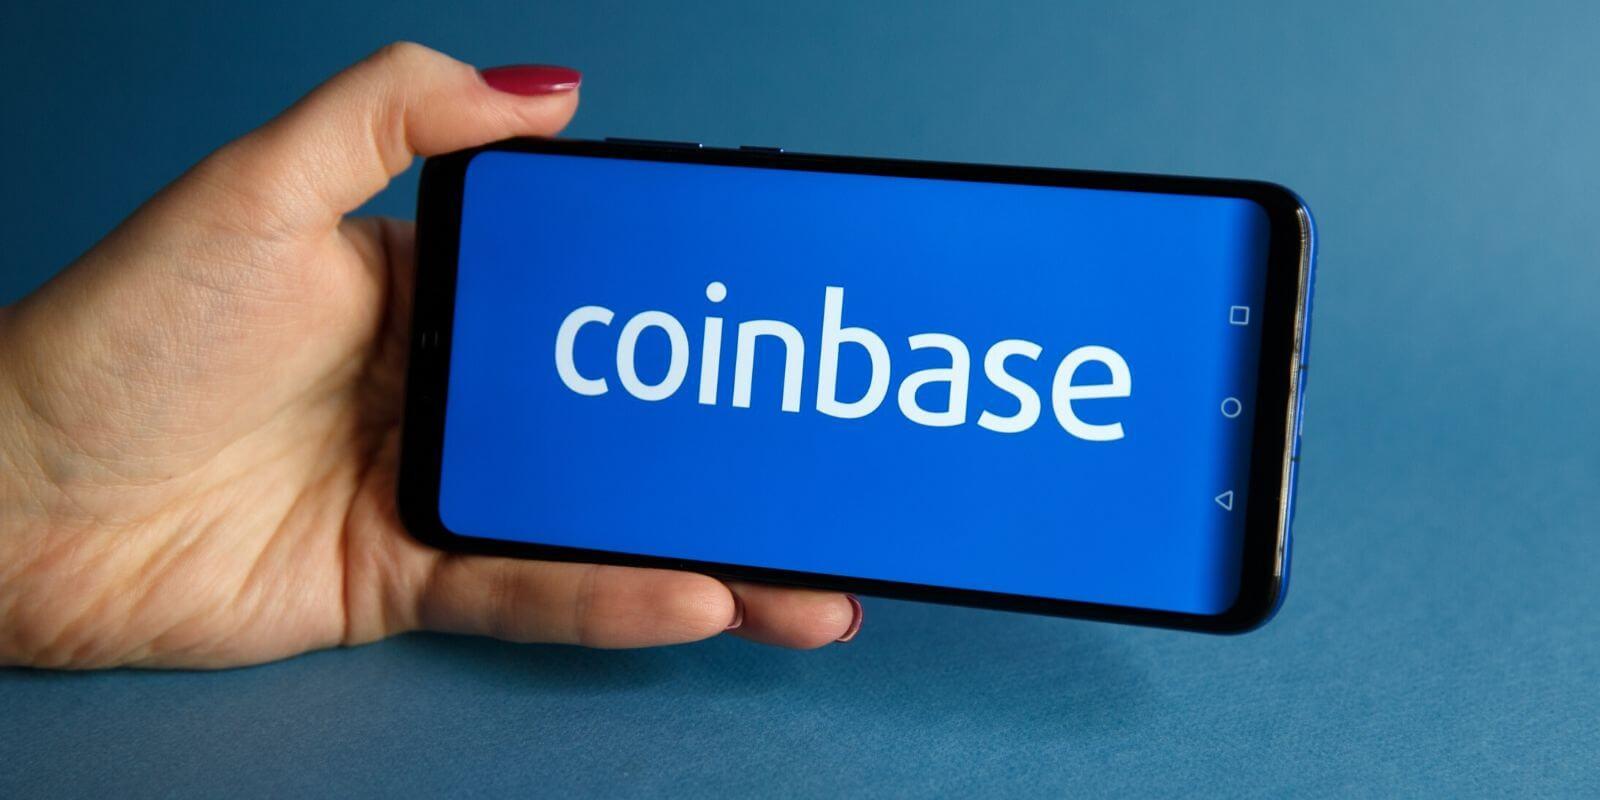 Est-ce que je peux ouvrir un compte Coinbase si j'ai moins de 18 ans ?